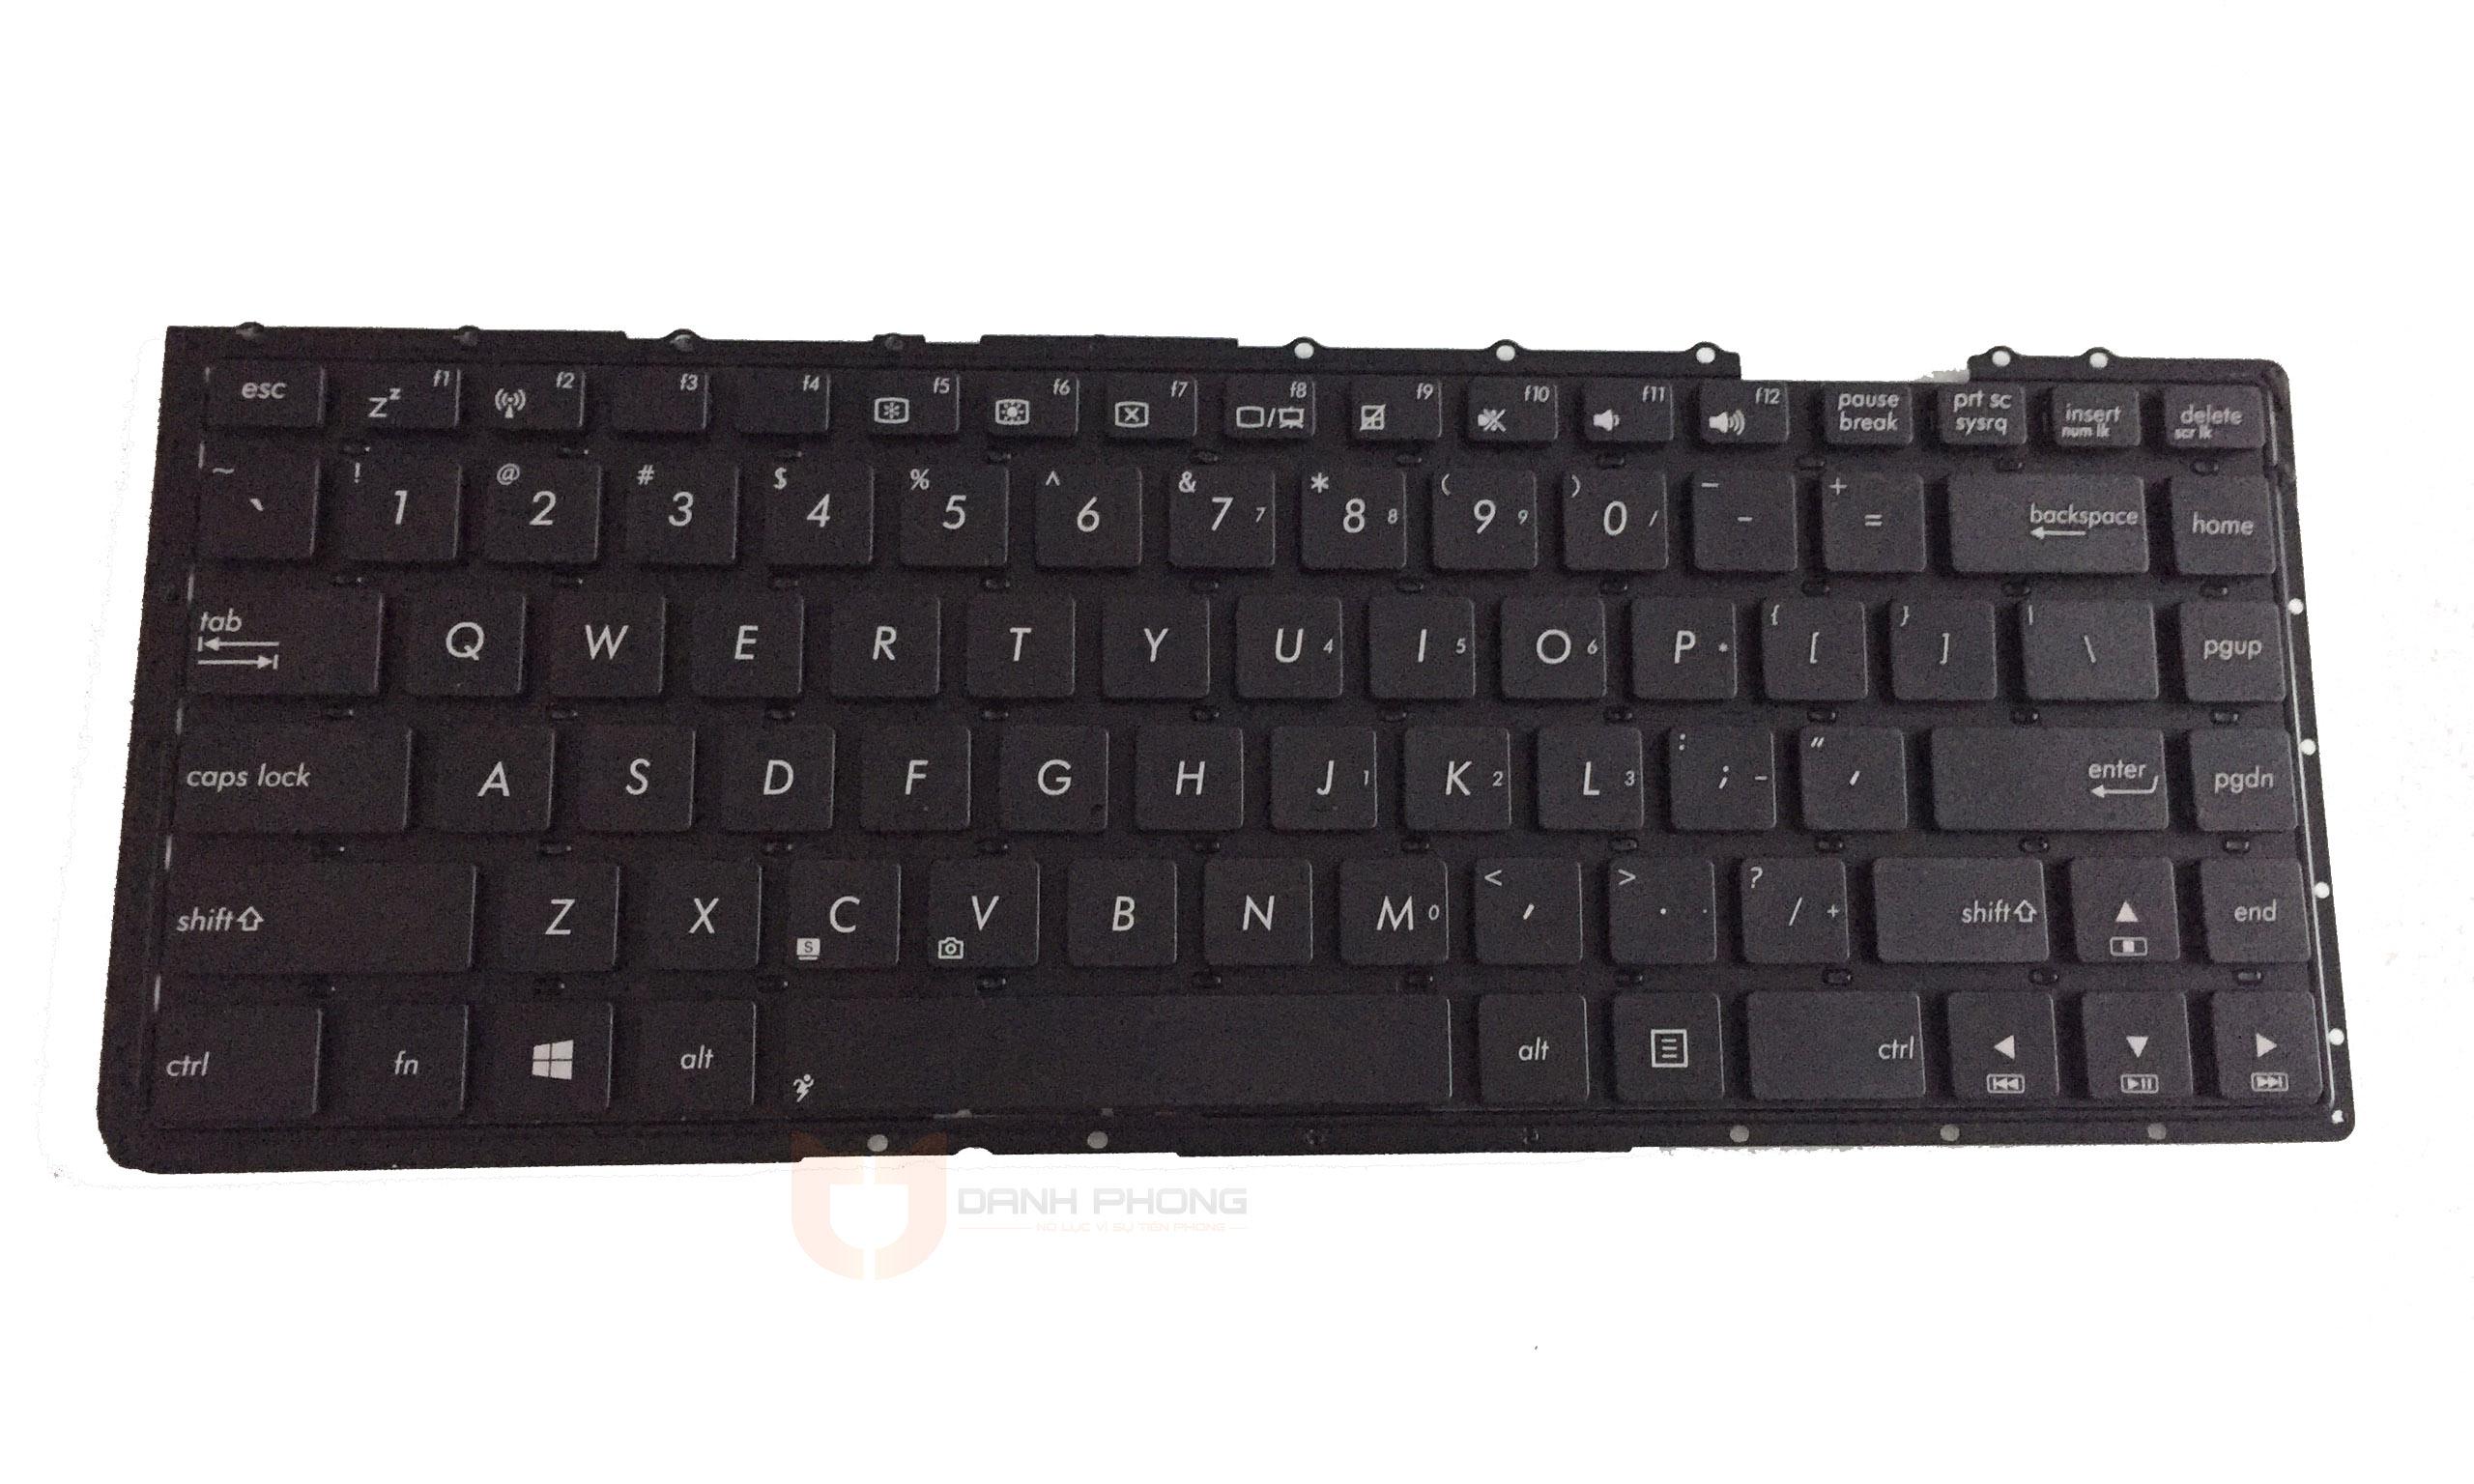 Bàn phím laptop Asus x451 | Laptop Danh Phong